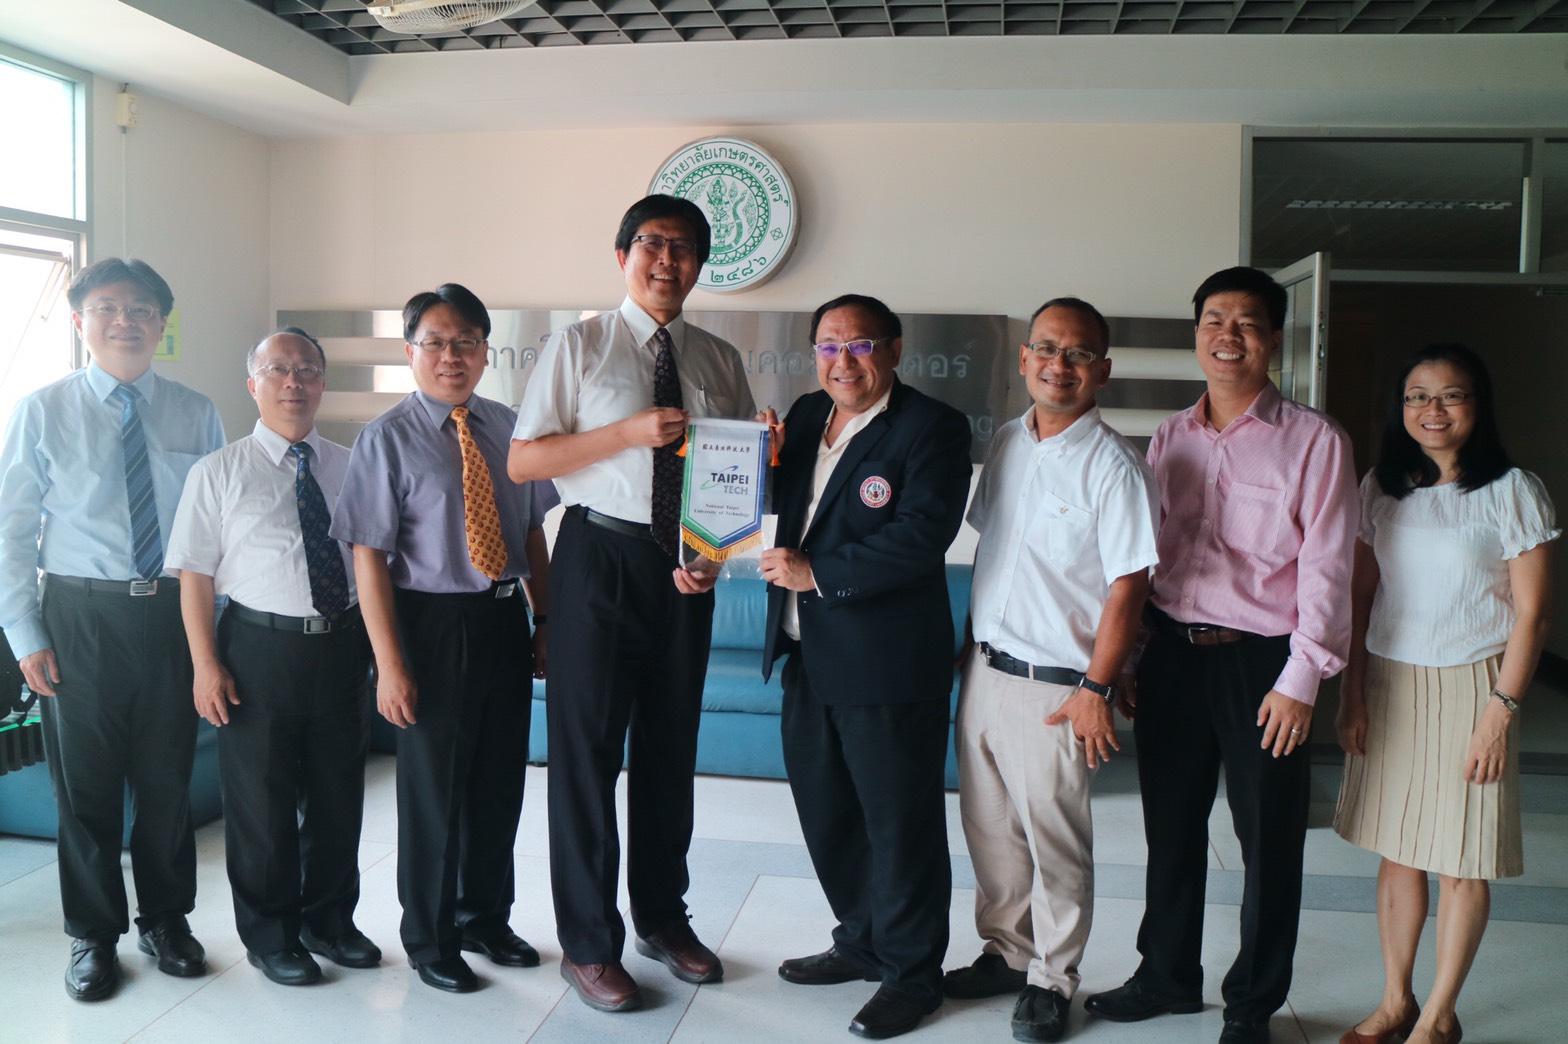 คณะผู้แทนจาก National Taipei University of Technology เยี่ยมชมห้องปฏิบัติการวิจัยภาควิชาวิศวกรรมคอมพิวเตอร์